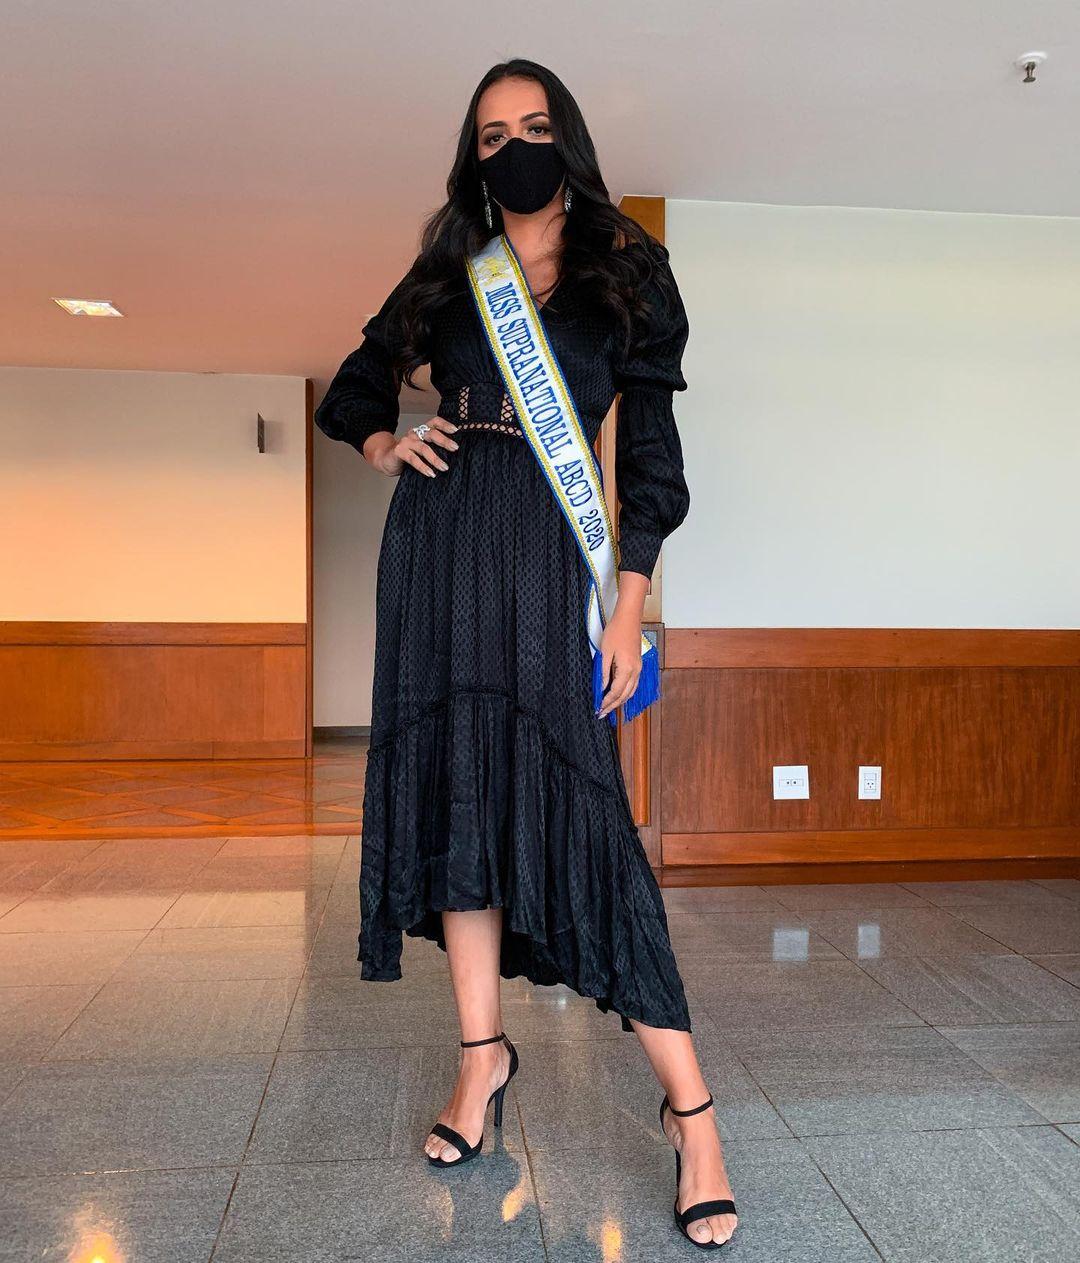 flavia polido, miss supranational abcd 2020/miss brasil intercontinental 2018-2019. - Página 7 Flavia35